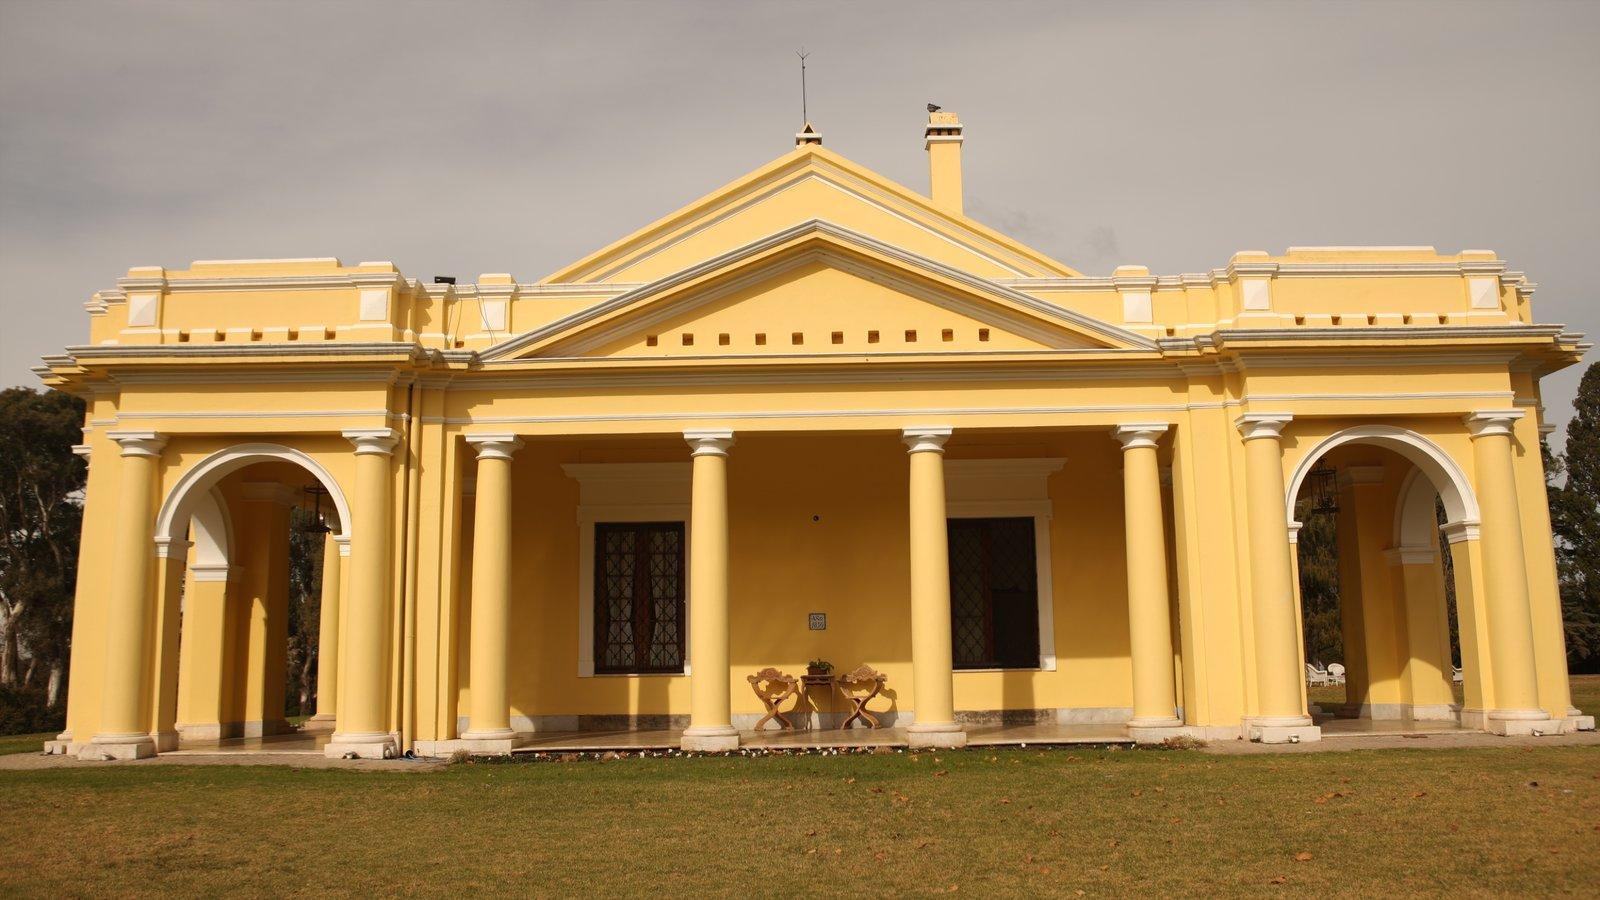 Cordoba caracterizando um hotel e arquitetura de patrimônio